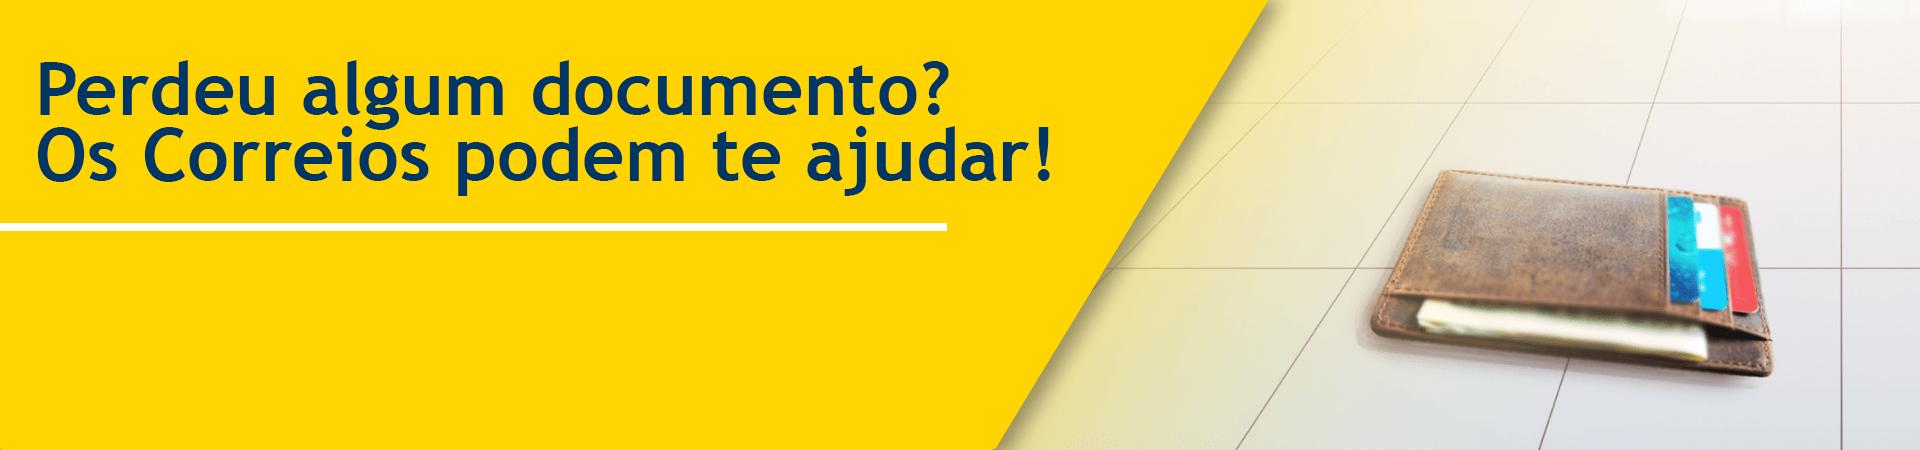 Banner Achados e Perdidos desktop